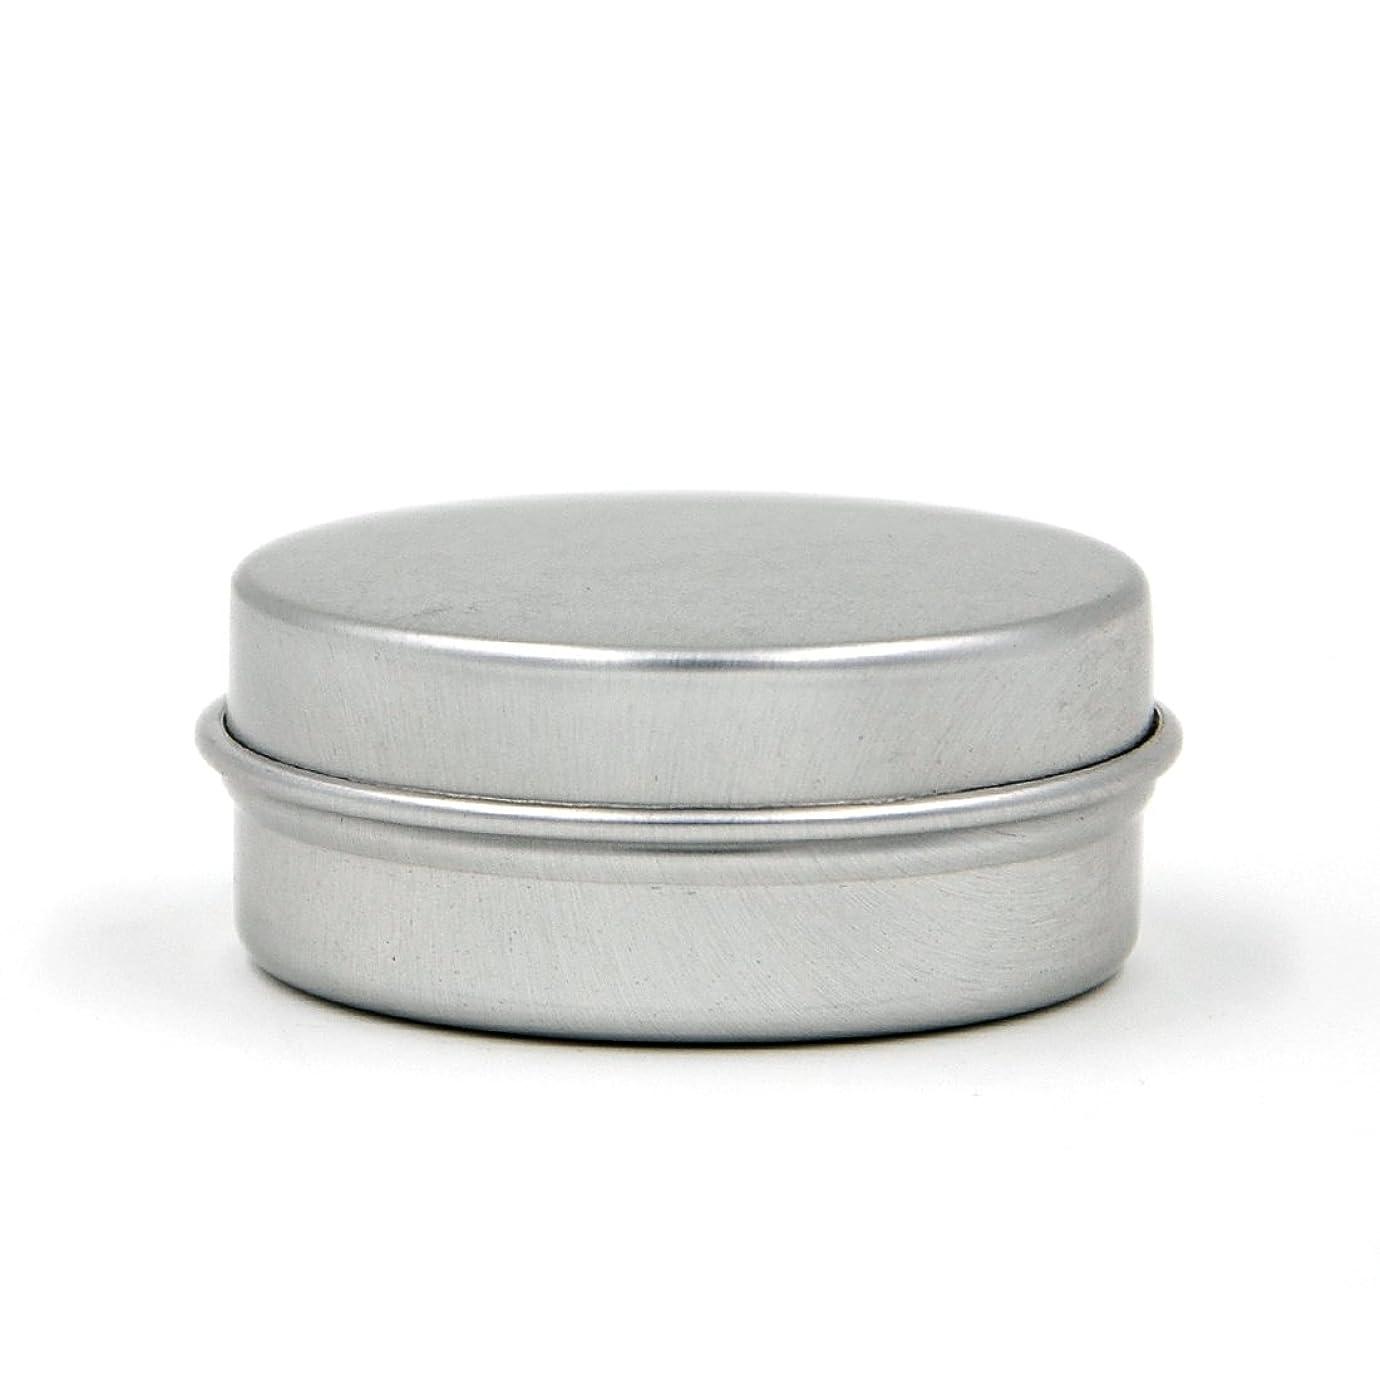 くびれたブレスワイプAngelakerry アルミキャップ缶 リップクリーム 手作りコスメ 手作り化粧品 化粧品容器 10g 10個 [並行輸入品]